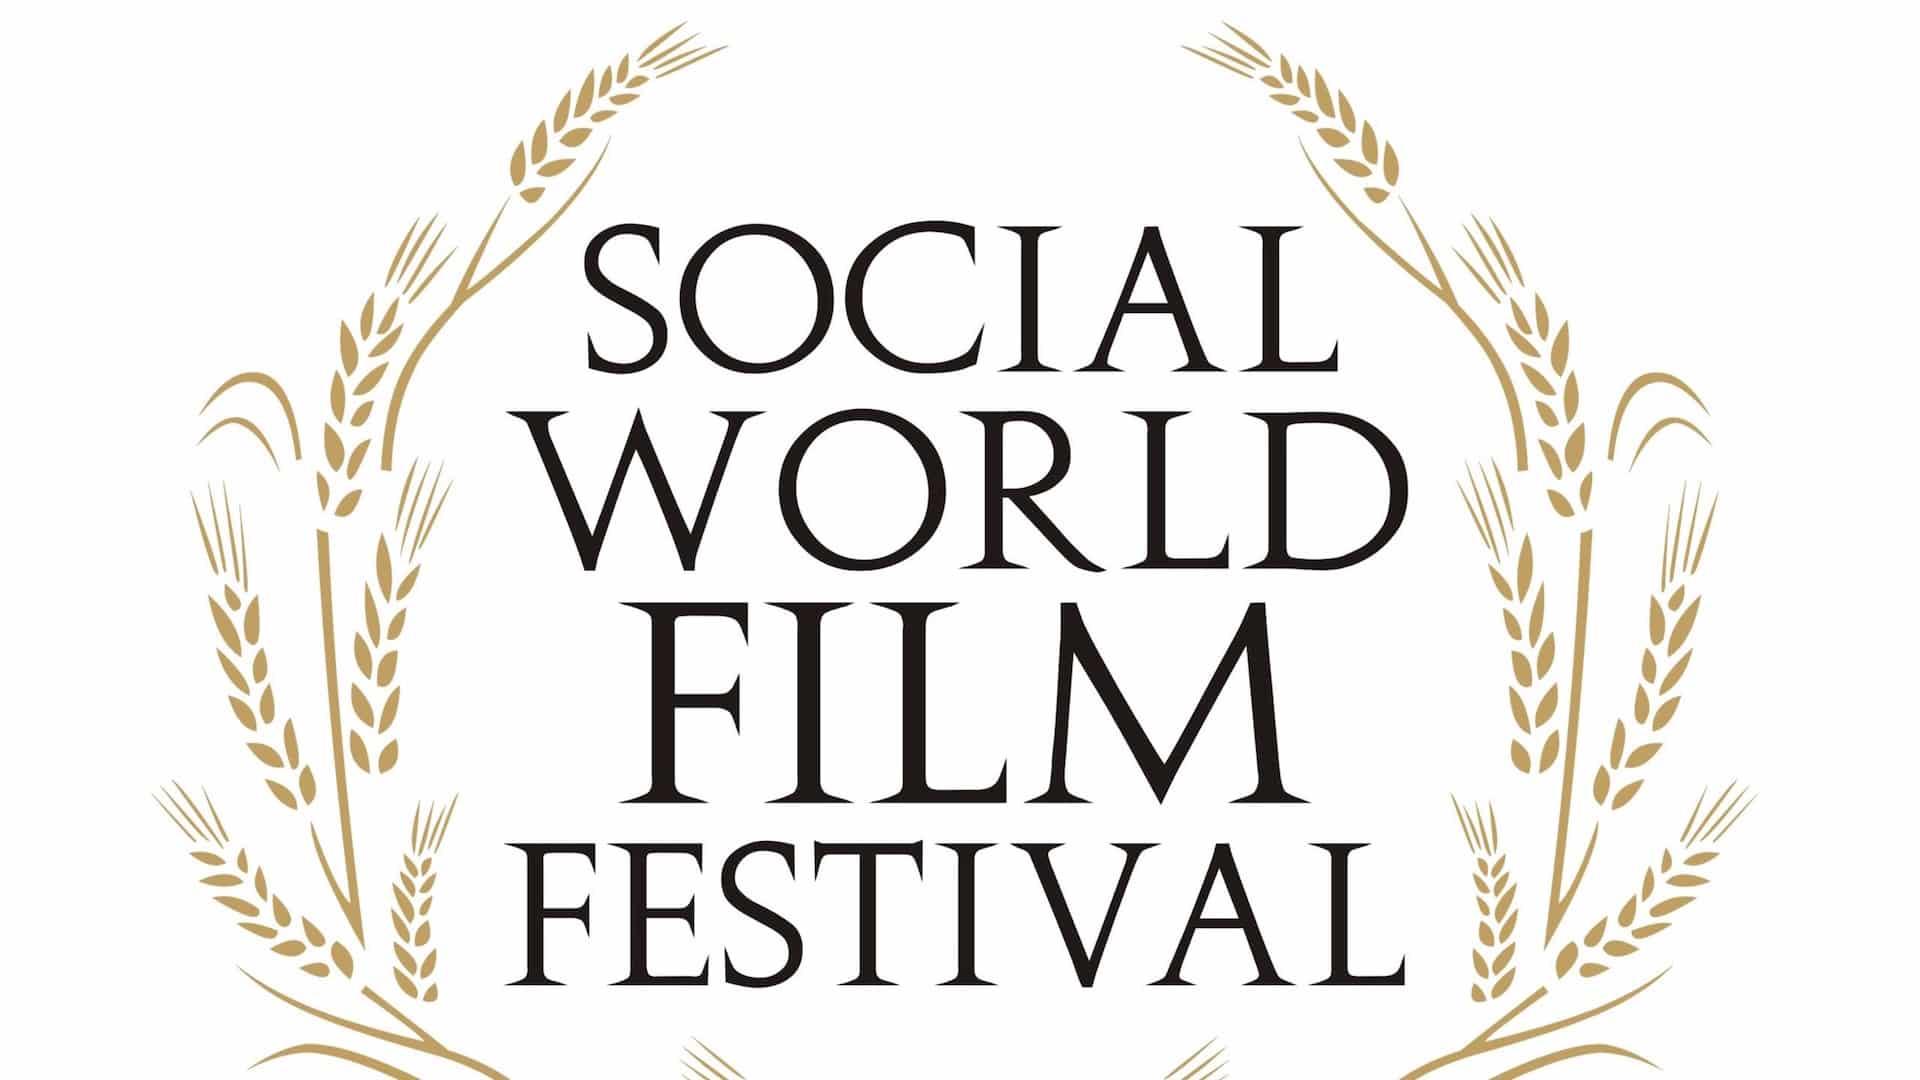 20210710034103Social-World-Film-Festival-2020.jpg